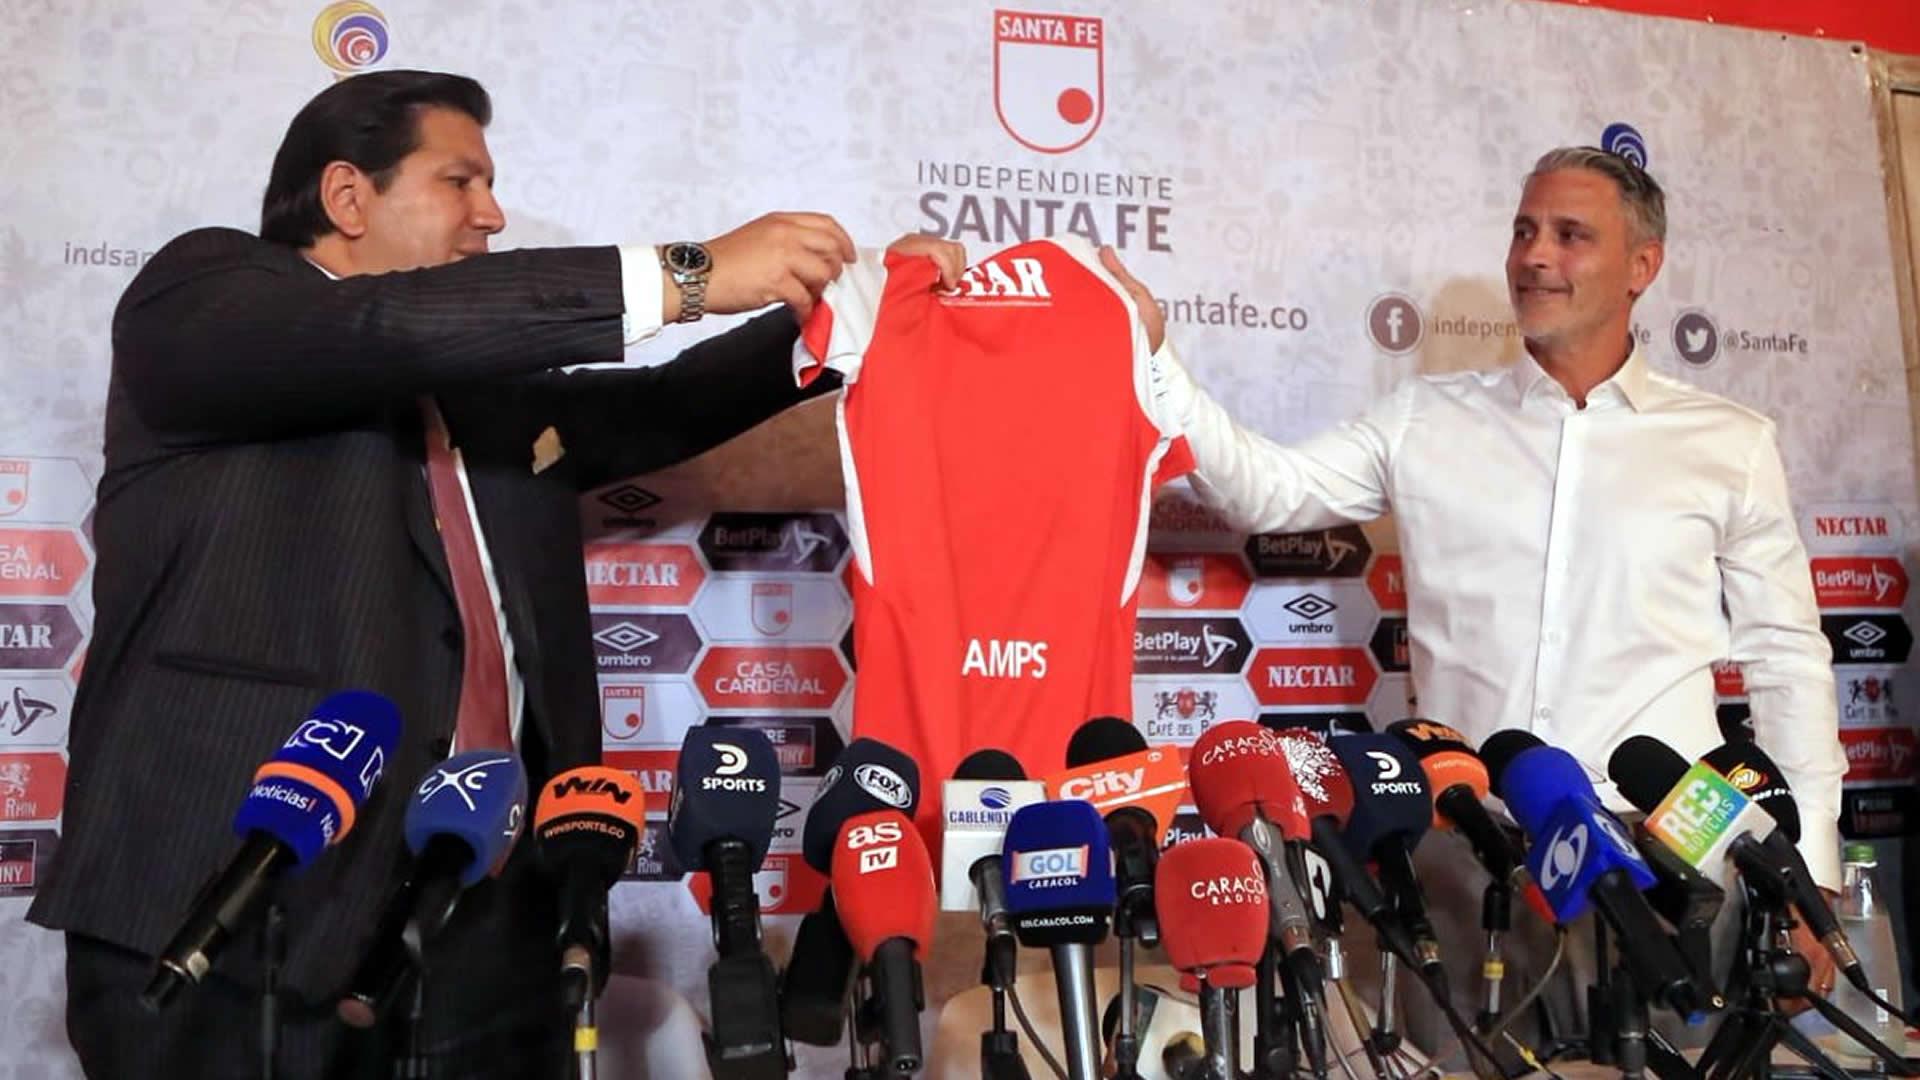 Patricio Camps Independiente Santa Fe Liga Águila 2019